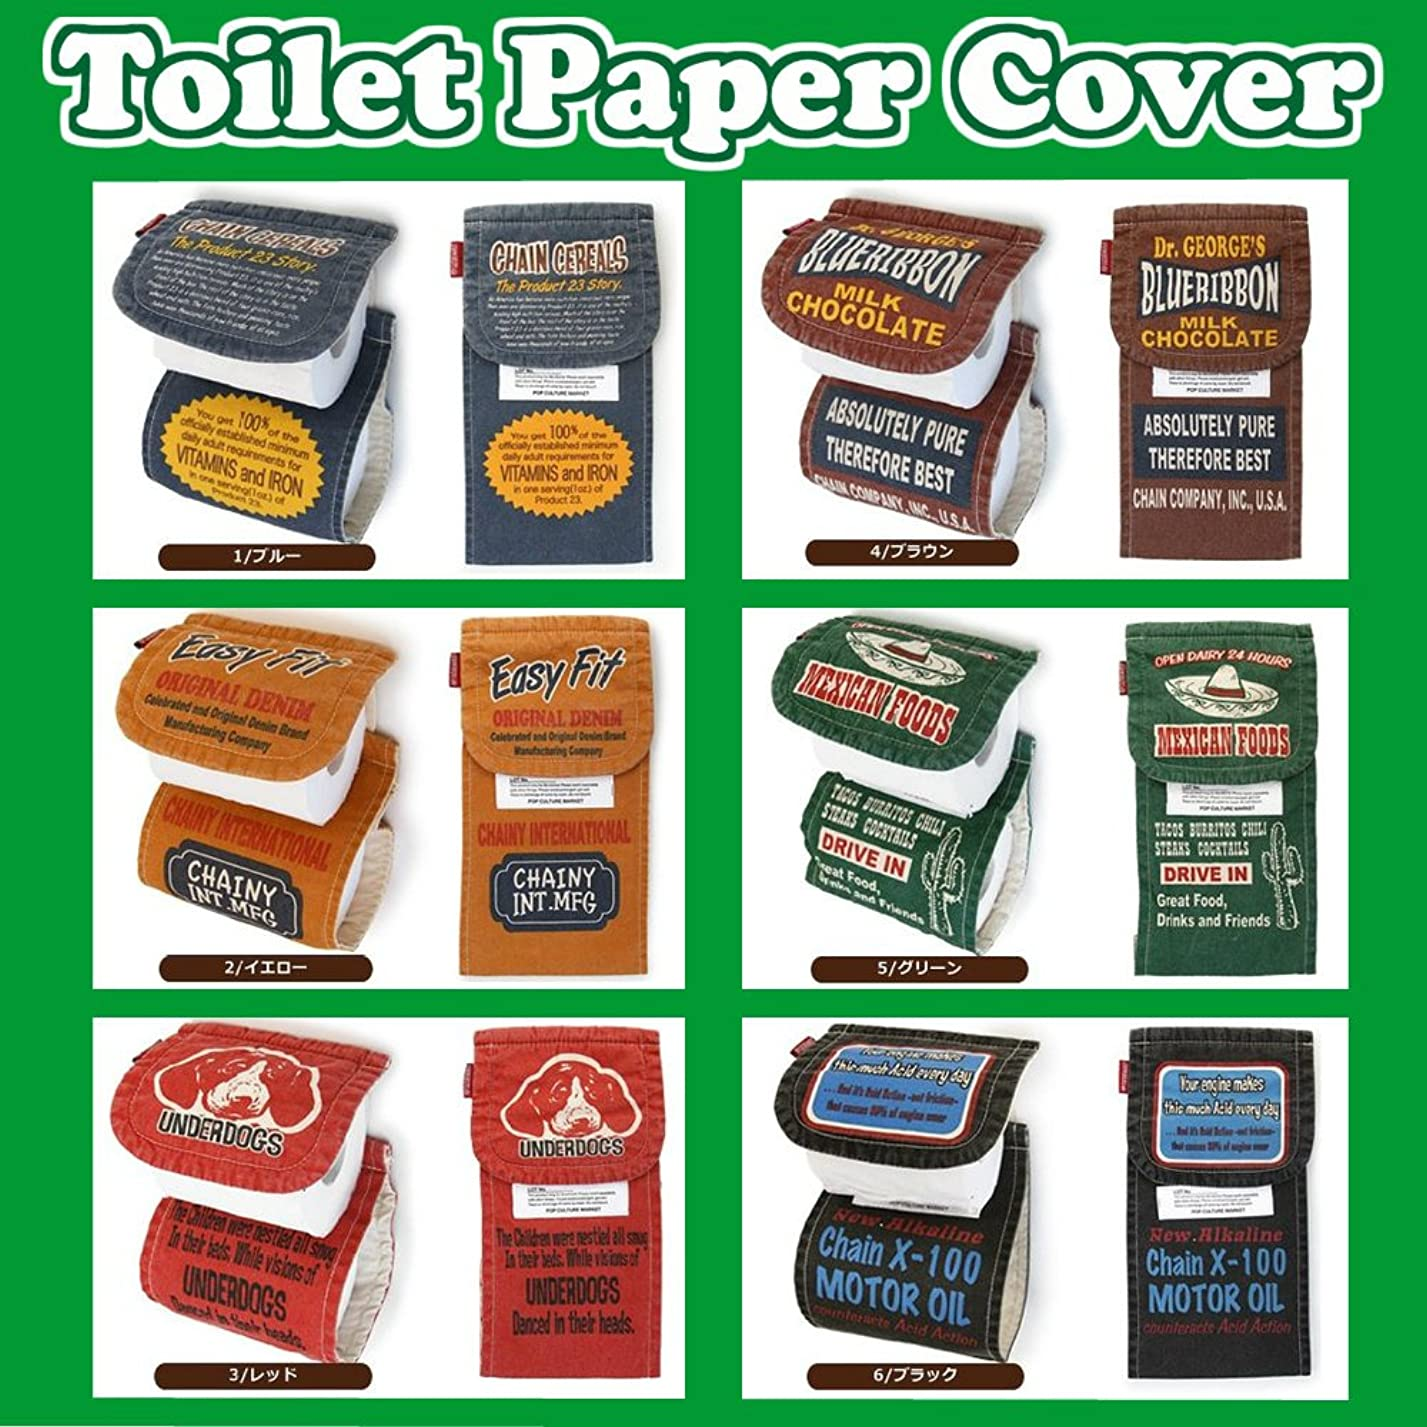 爆発耐えられないいうアメリカン トイレットペーパー ホルダー カバー 企業広告風 アメリカンアメリカ アメカジ 雑貨 トイレ ファブリック カバー マット (3.レッド)